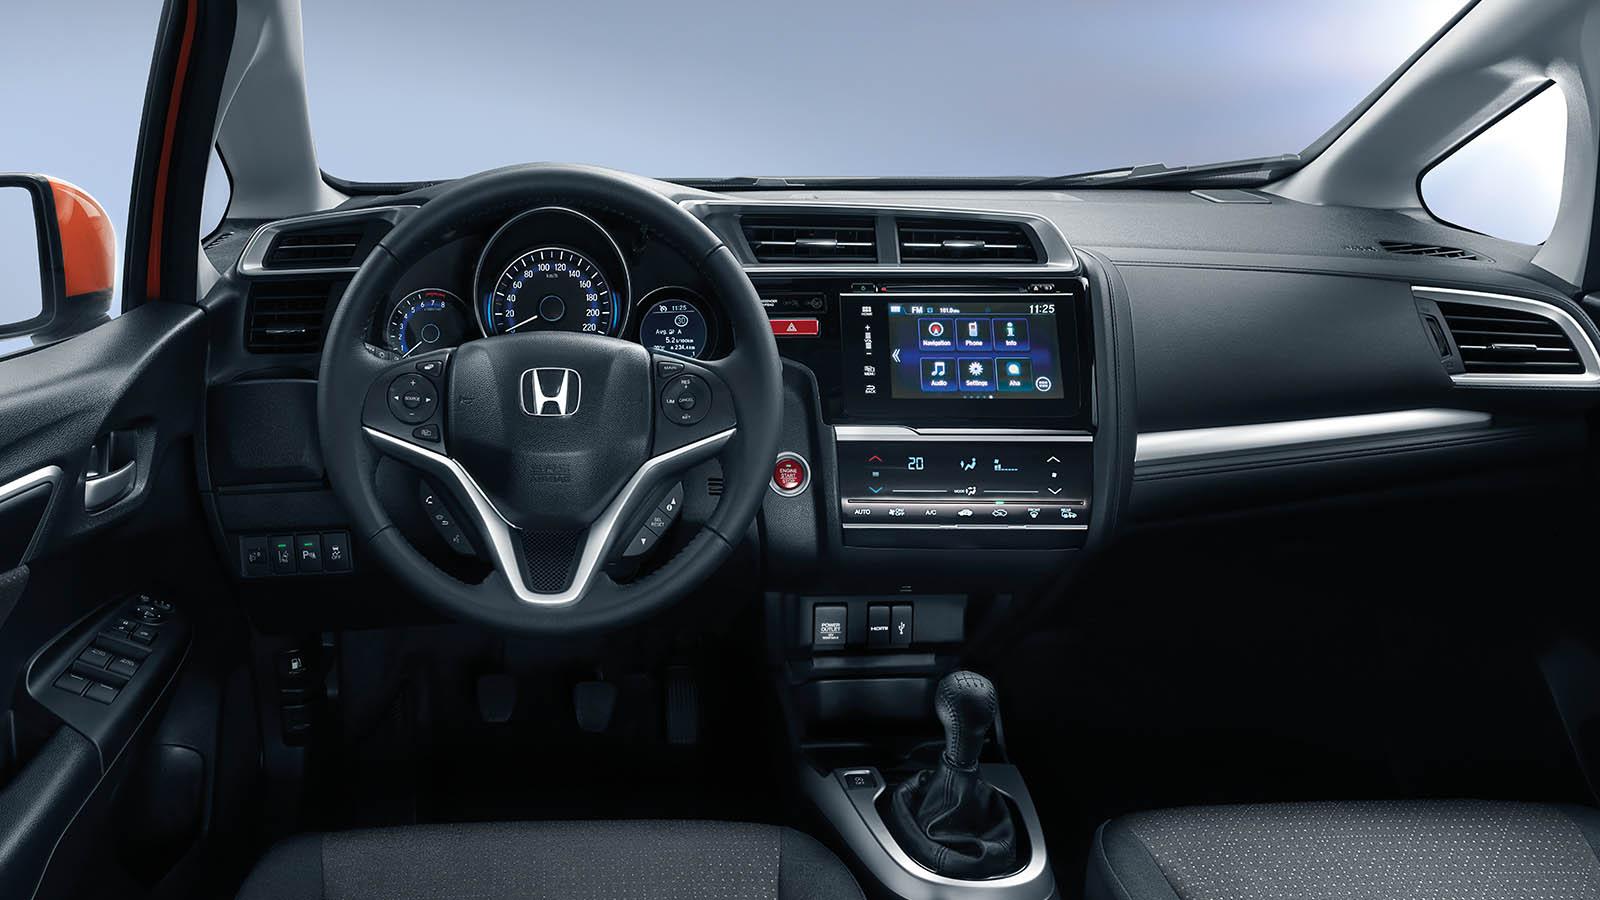 מדהים הונדה JAZZ 2019 - רכב קומפקטי וחסכוני | הונדה רכב JV-25